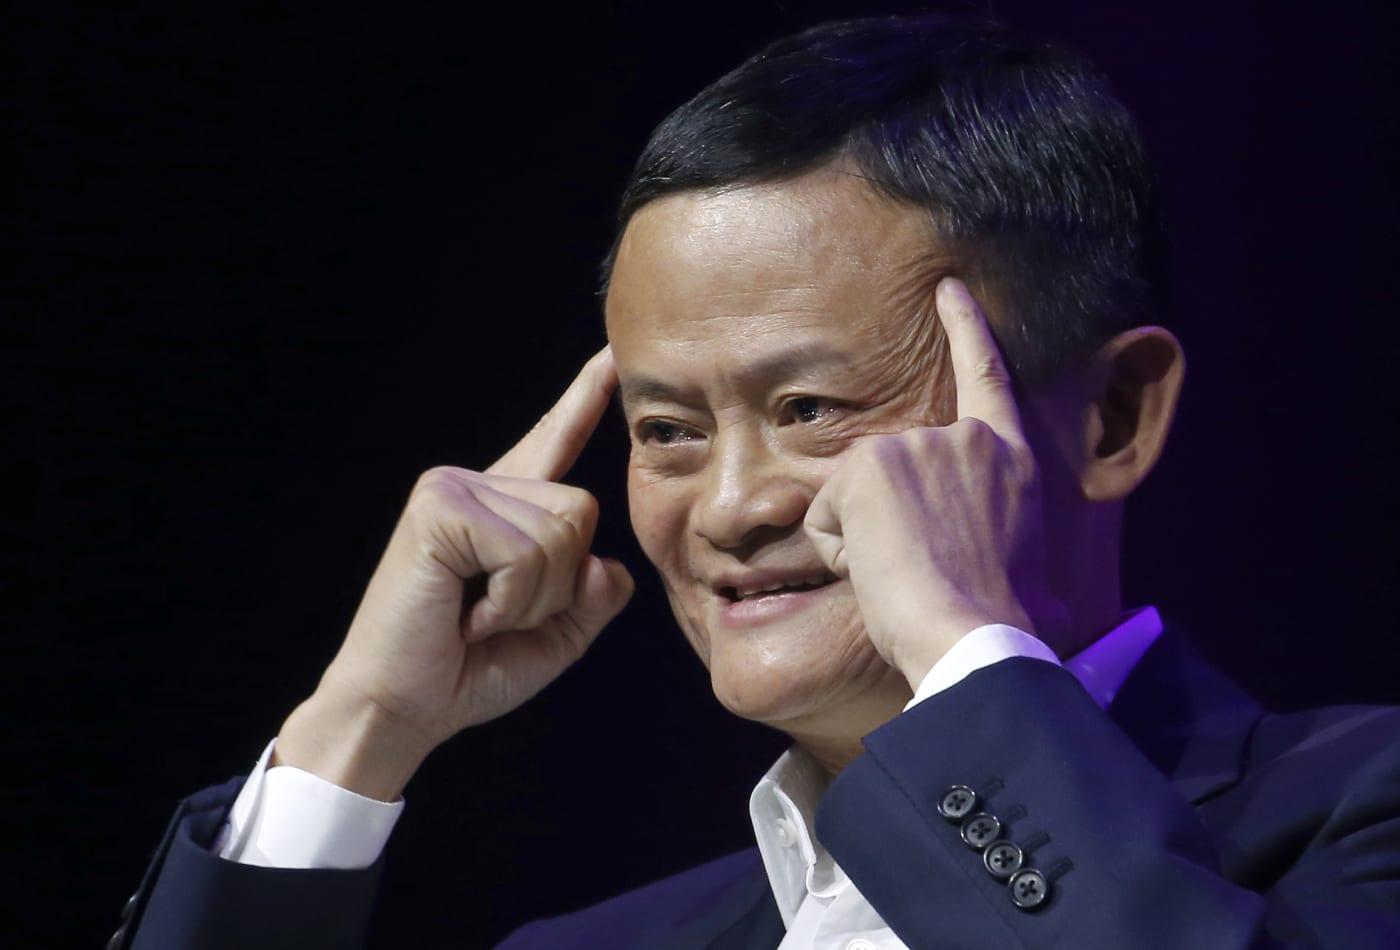 Tỷ phú Jack Ma tiết lộ: nếu bắt kịp xu hướng này bạn sẽ giàu có và thành công